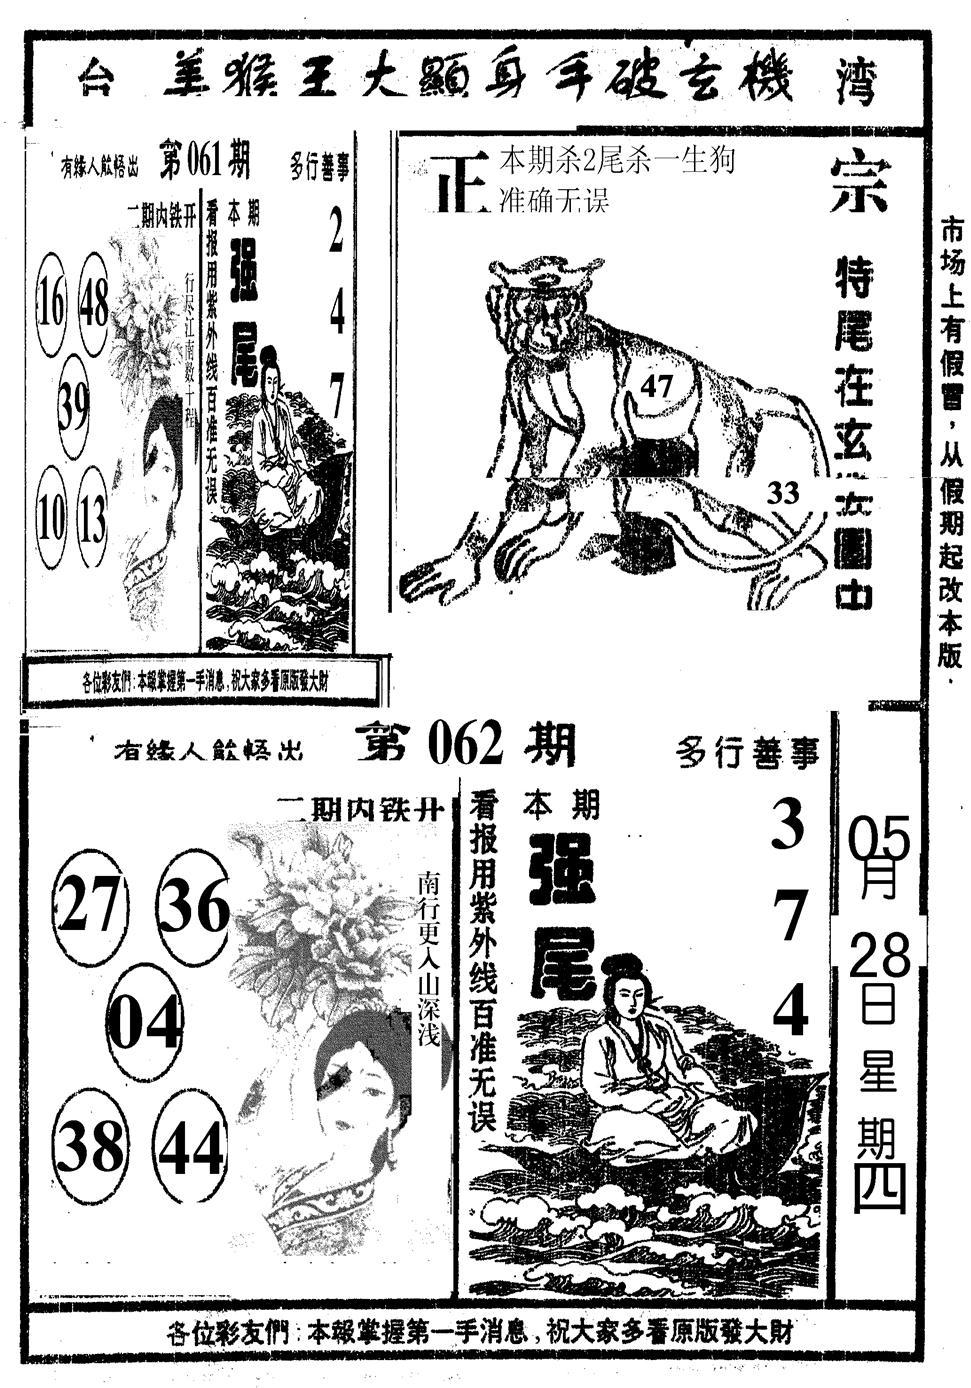 062期美猴王(黑白)